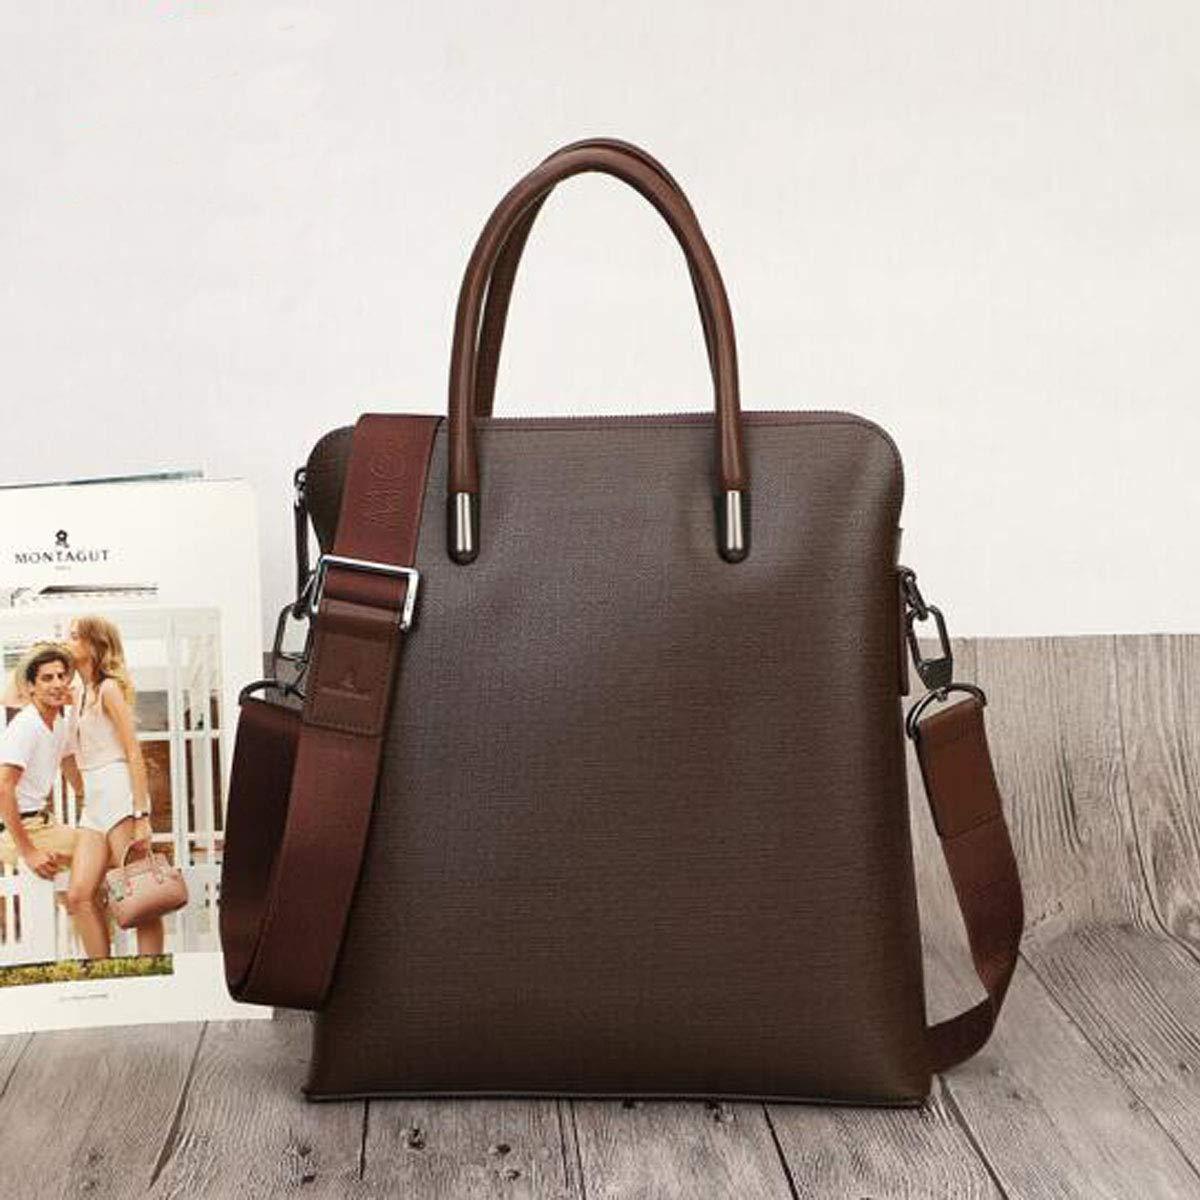 Black Size: 30.5930cm New Leather Mens Handbag Briefcase Business Casual Computer Bag Shoulder Bag